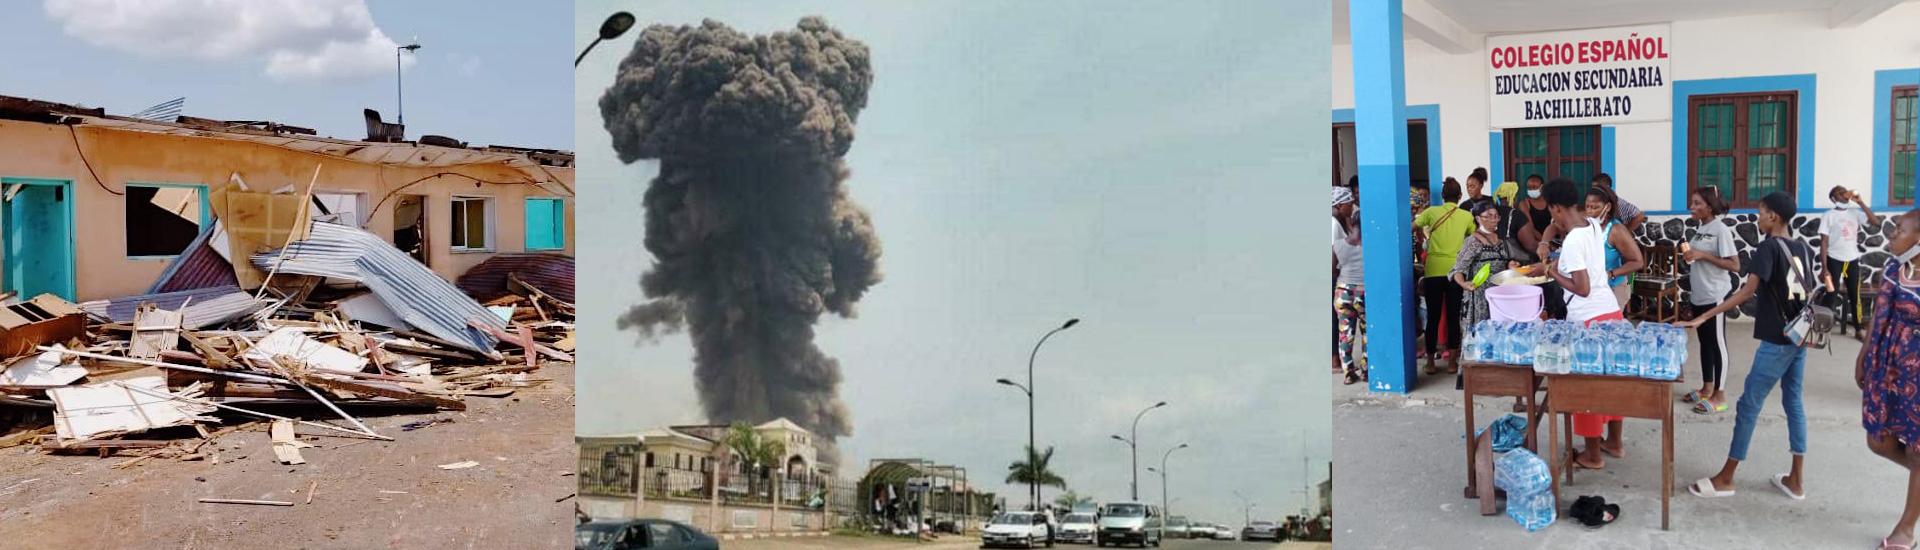 Ayuda de emergencia para más de 500 personas tras las explosiones de un polvorín militar en Bata (Guinea Ecuatorial)